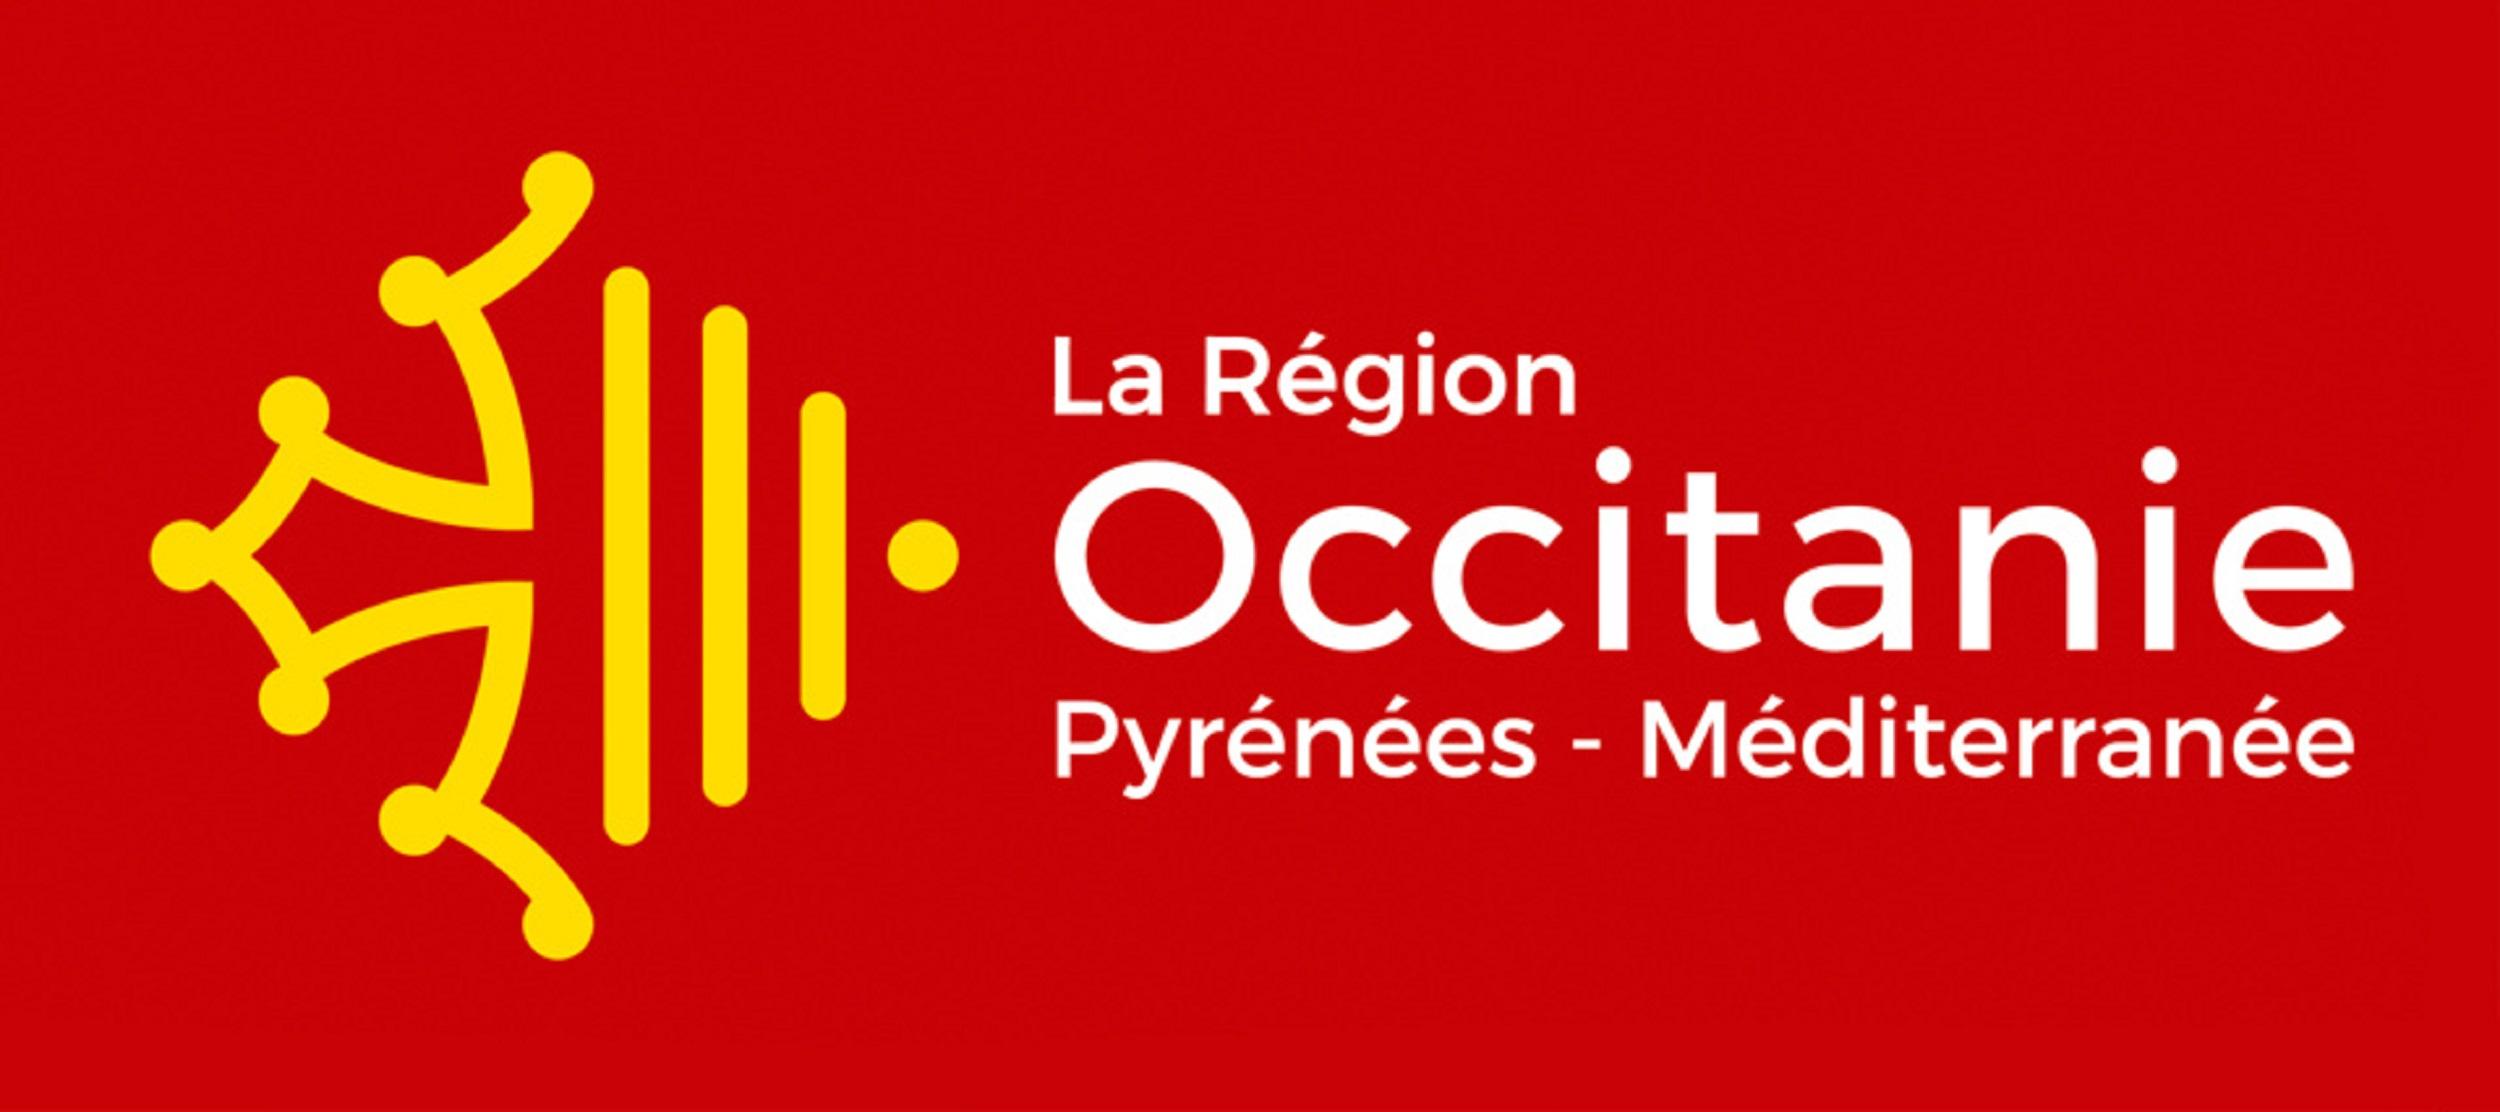 La région Occitannie Pyrénées - Méditéranée